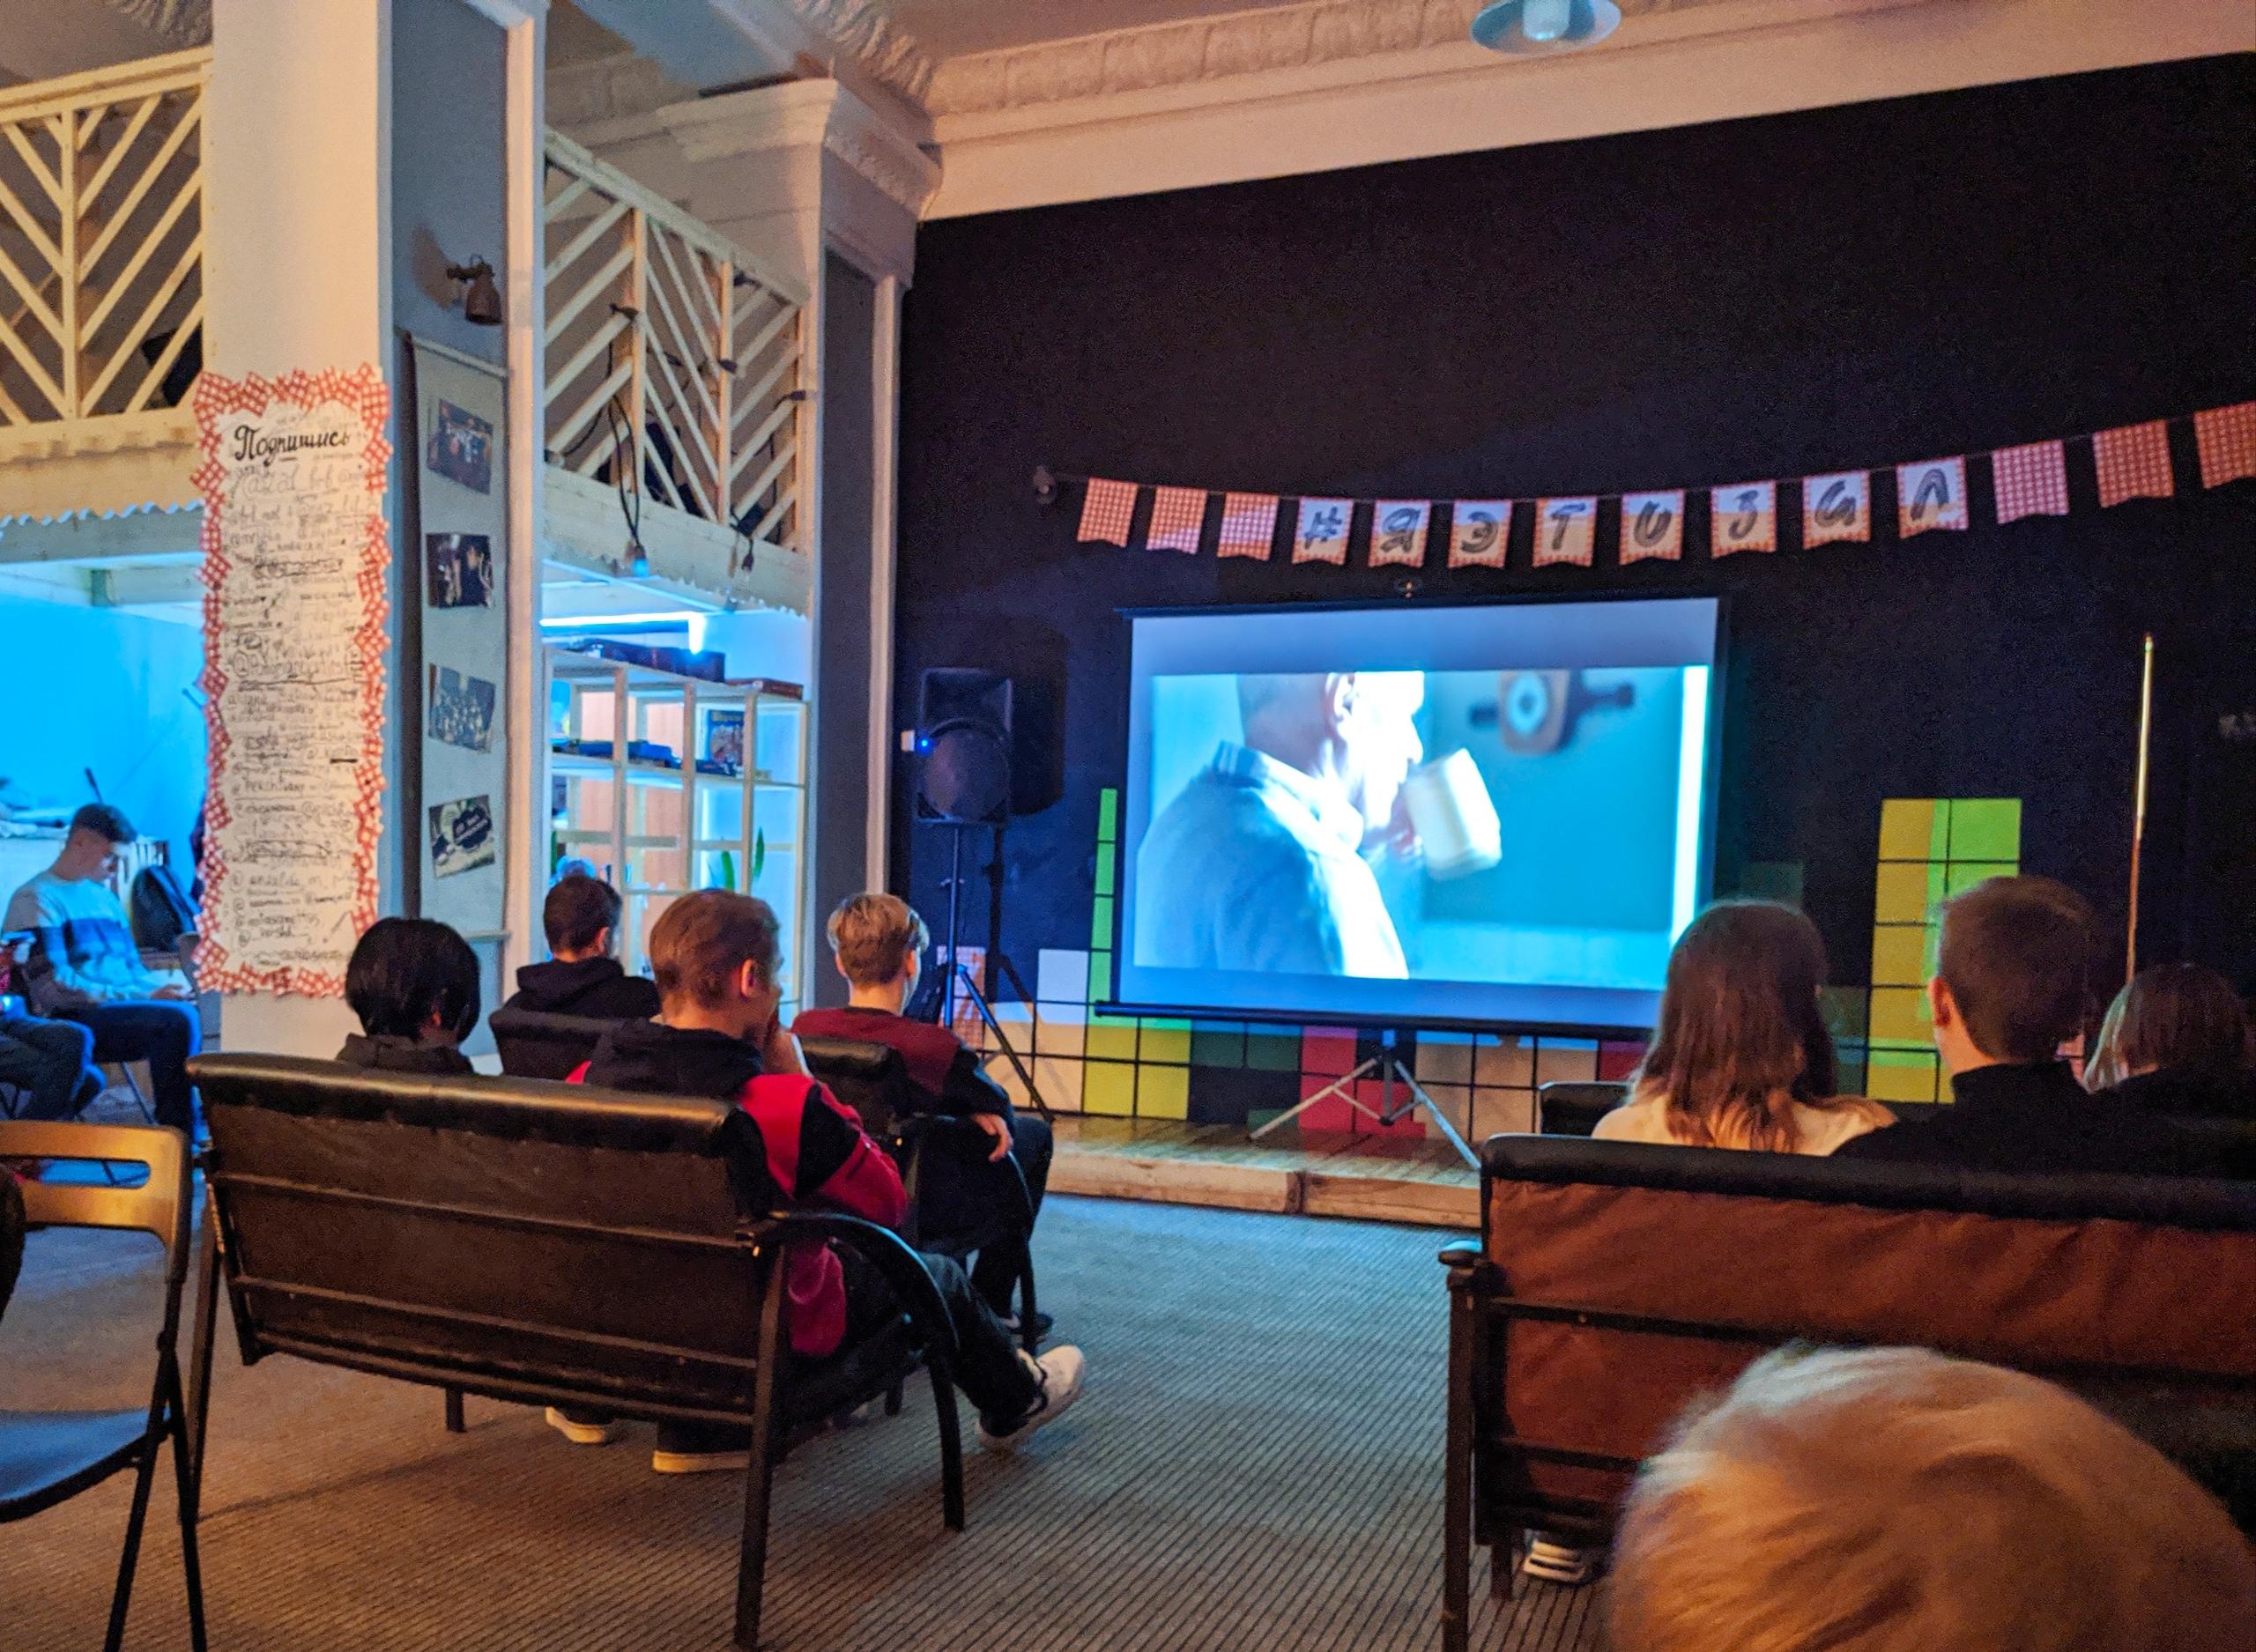 Социальное кино в Зале ожидания